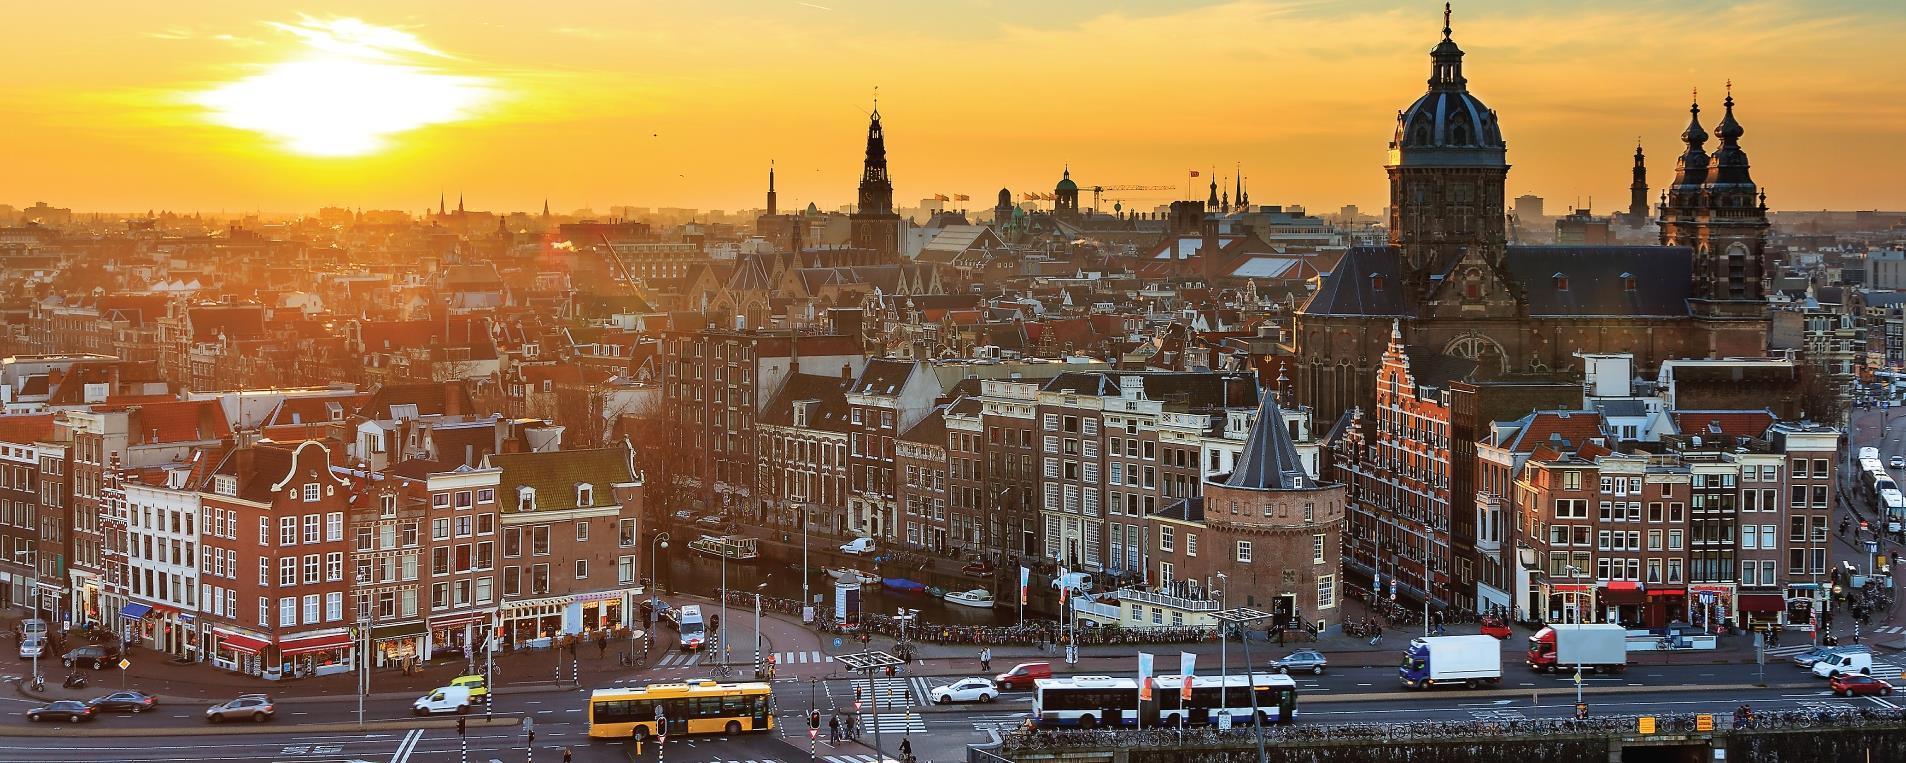 Amsterdam_main